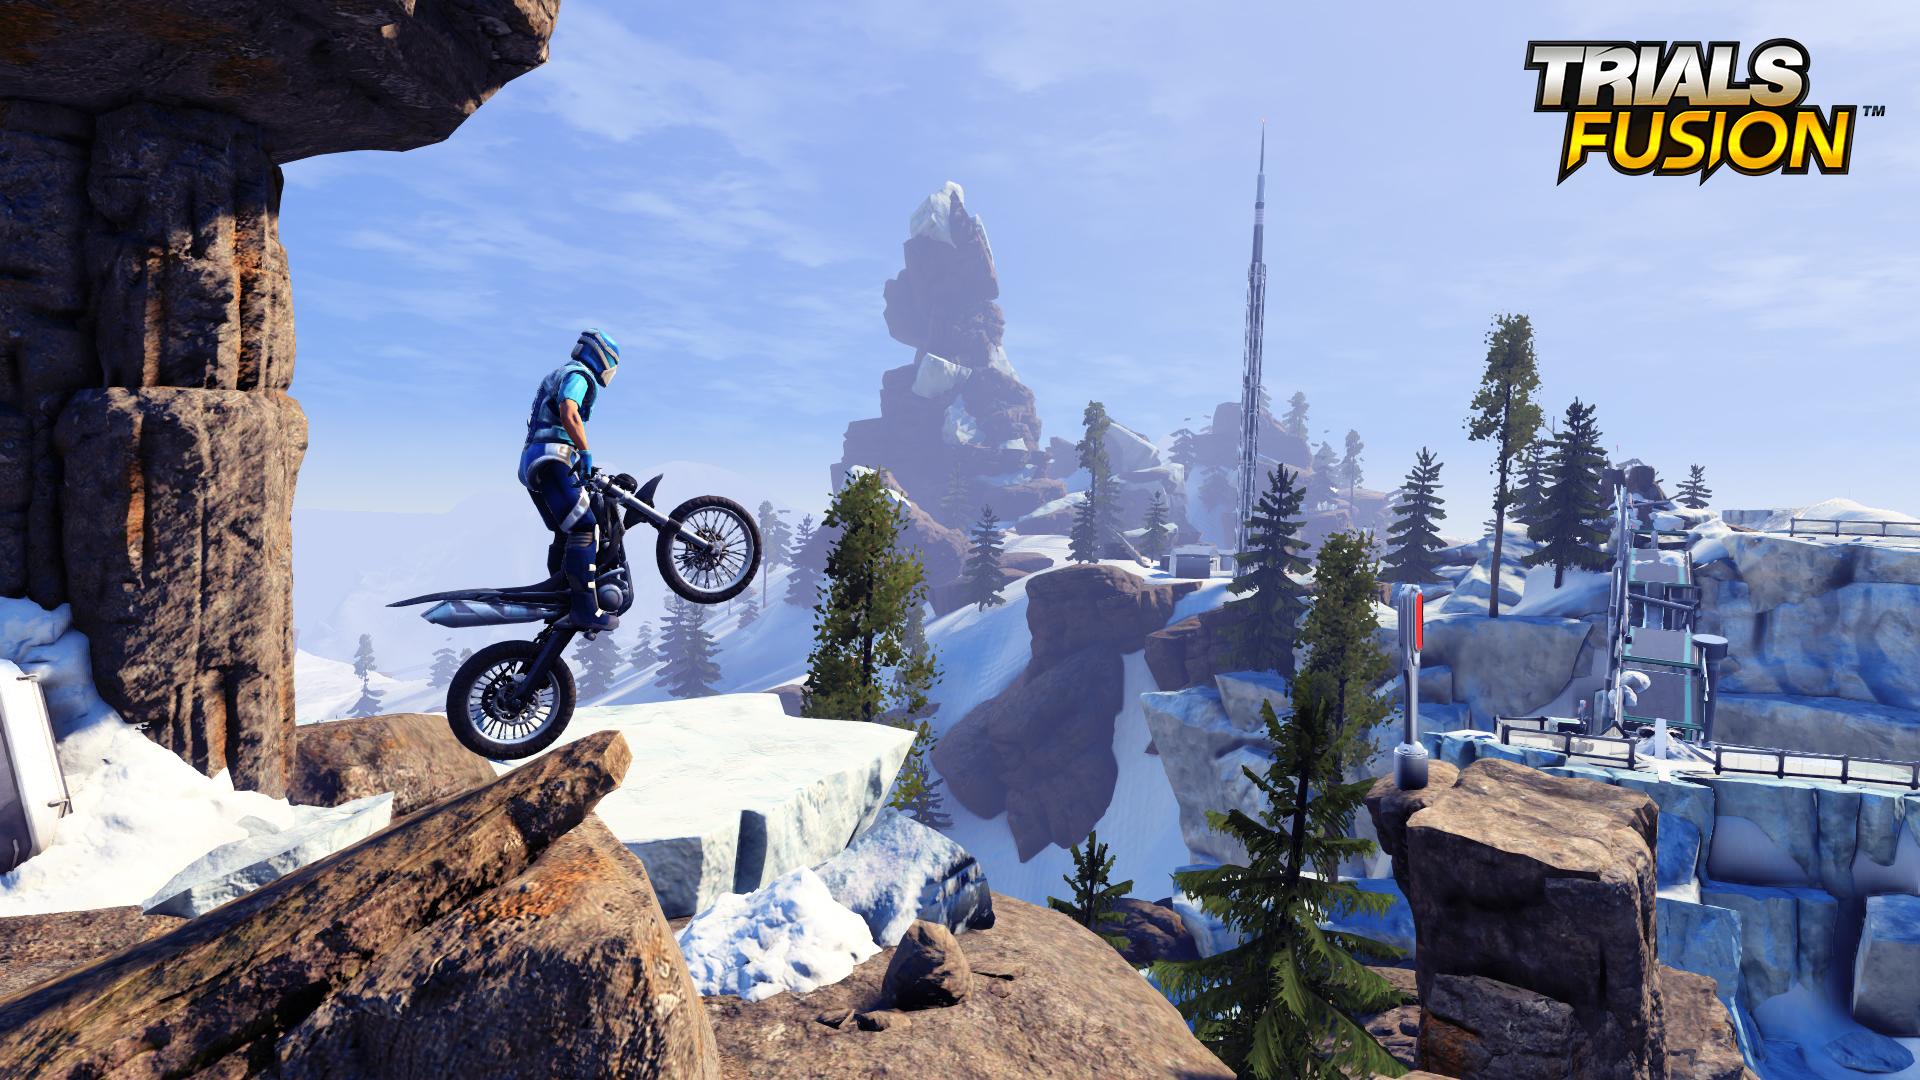 Bláznivé skoky v Trials Fusion 93972